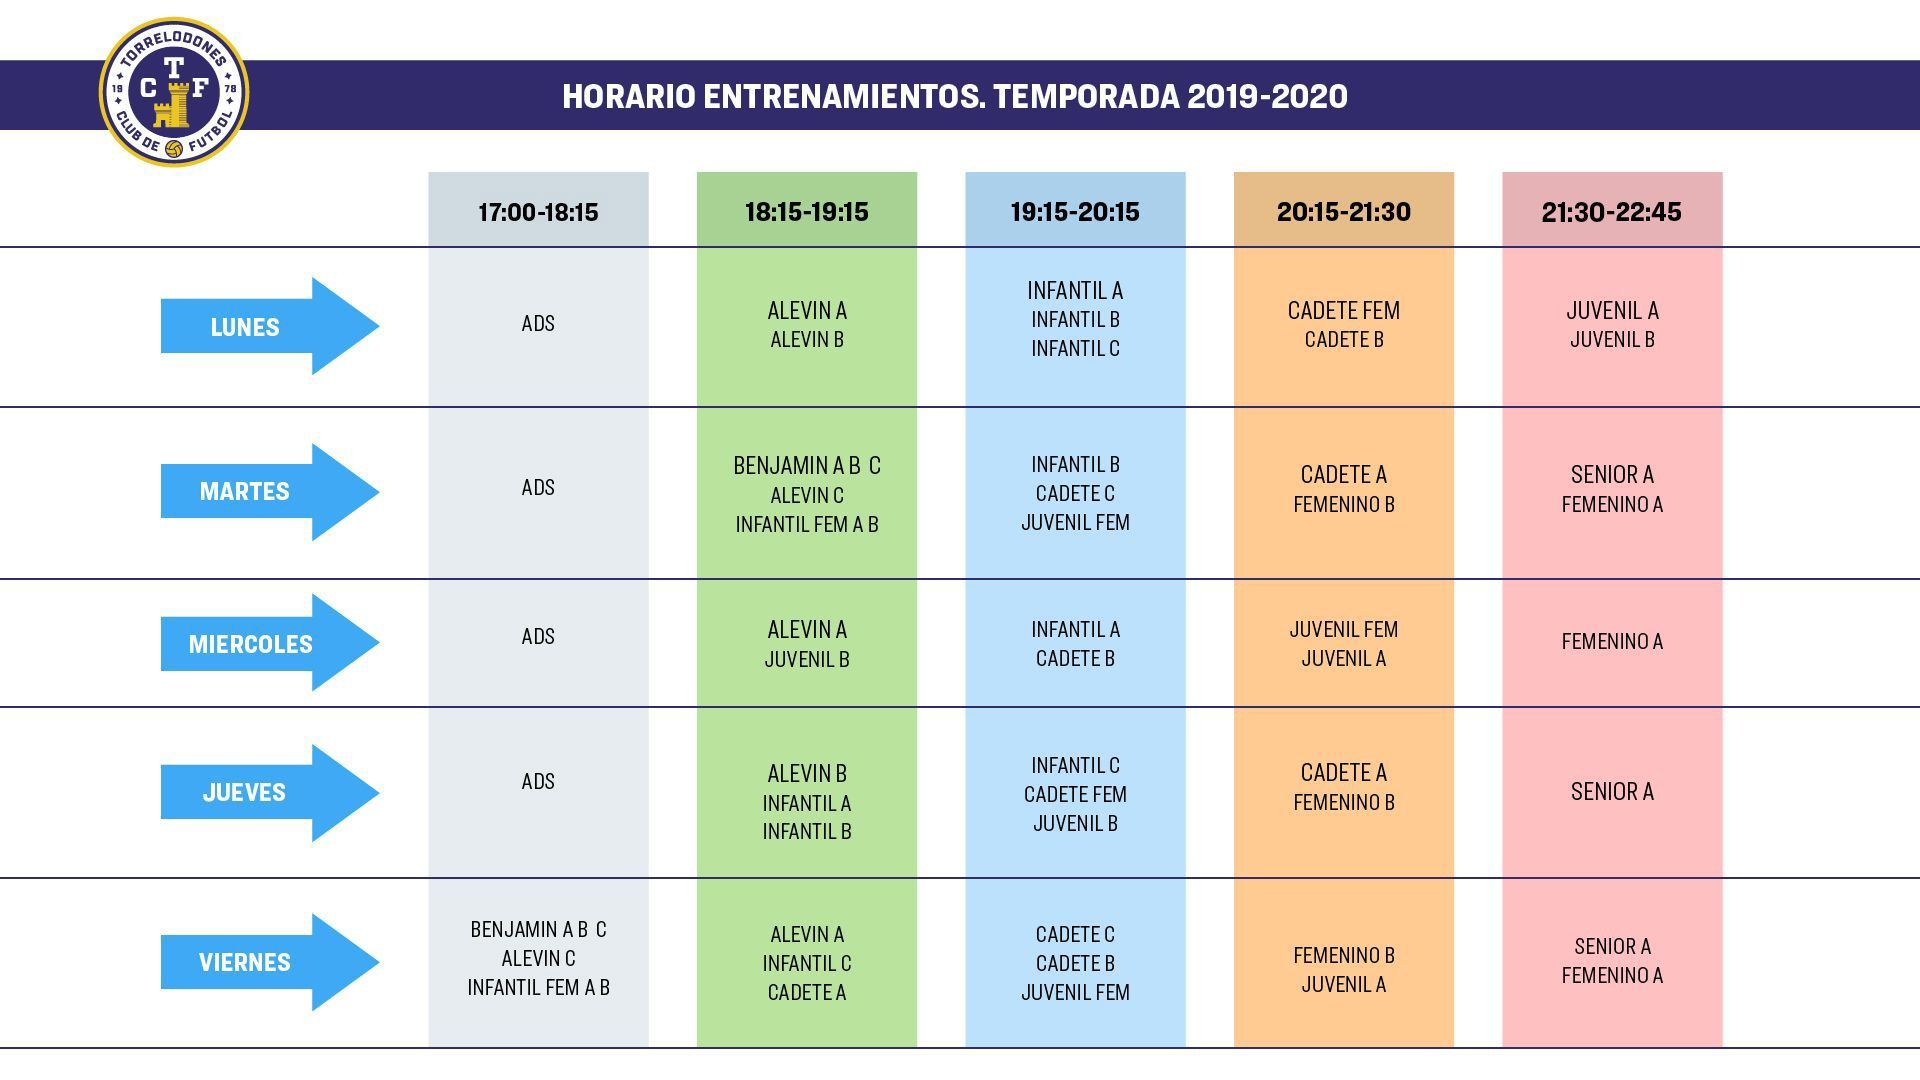 Horarios Entrenamientos Temporada 2019 / 2020